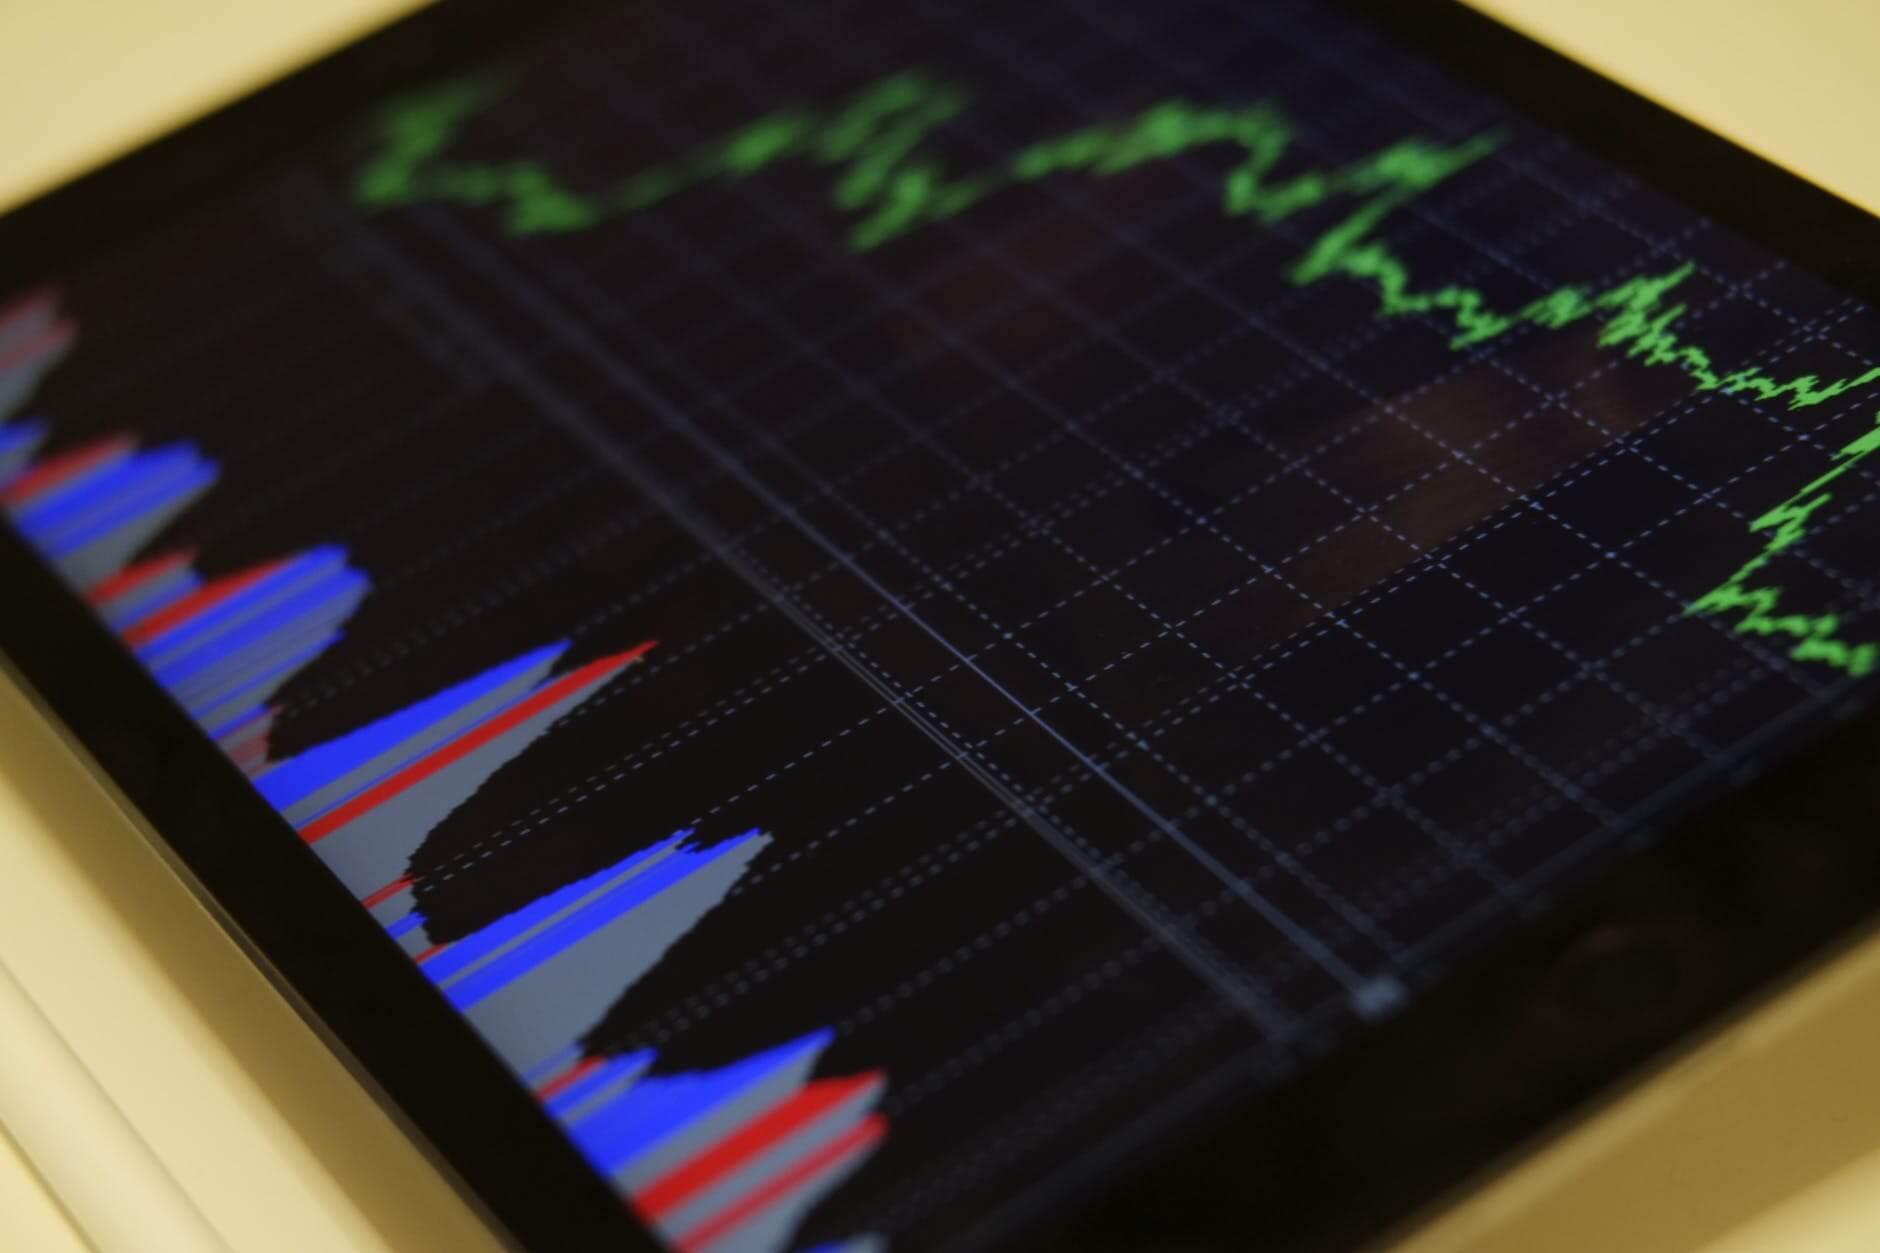 aandelenkoers aandelen koers